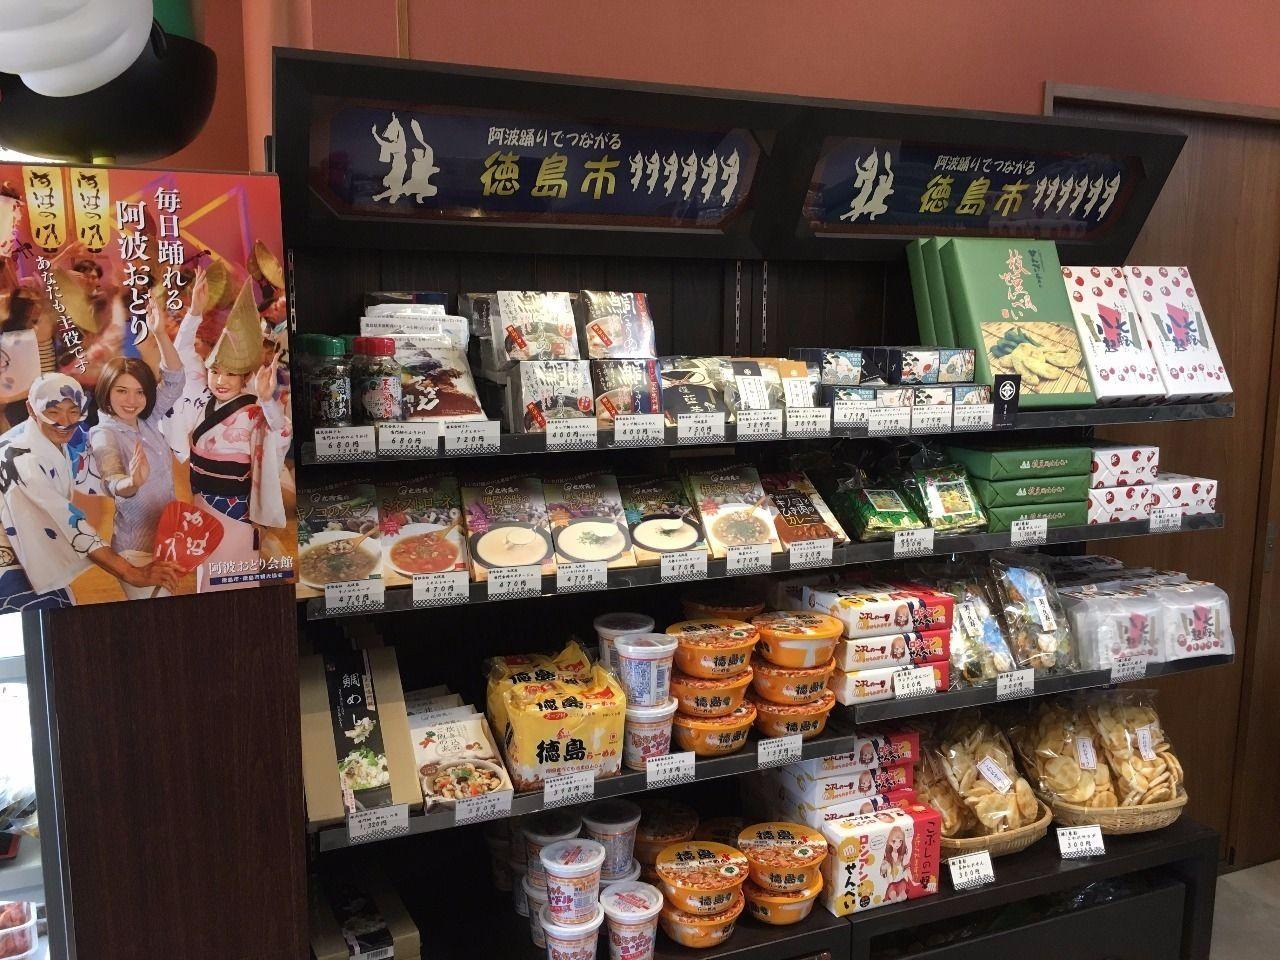 阿波踊りで交流のある徳島市の商品kコーナーです!